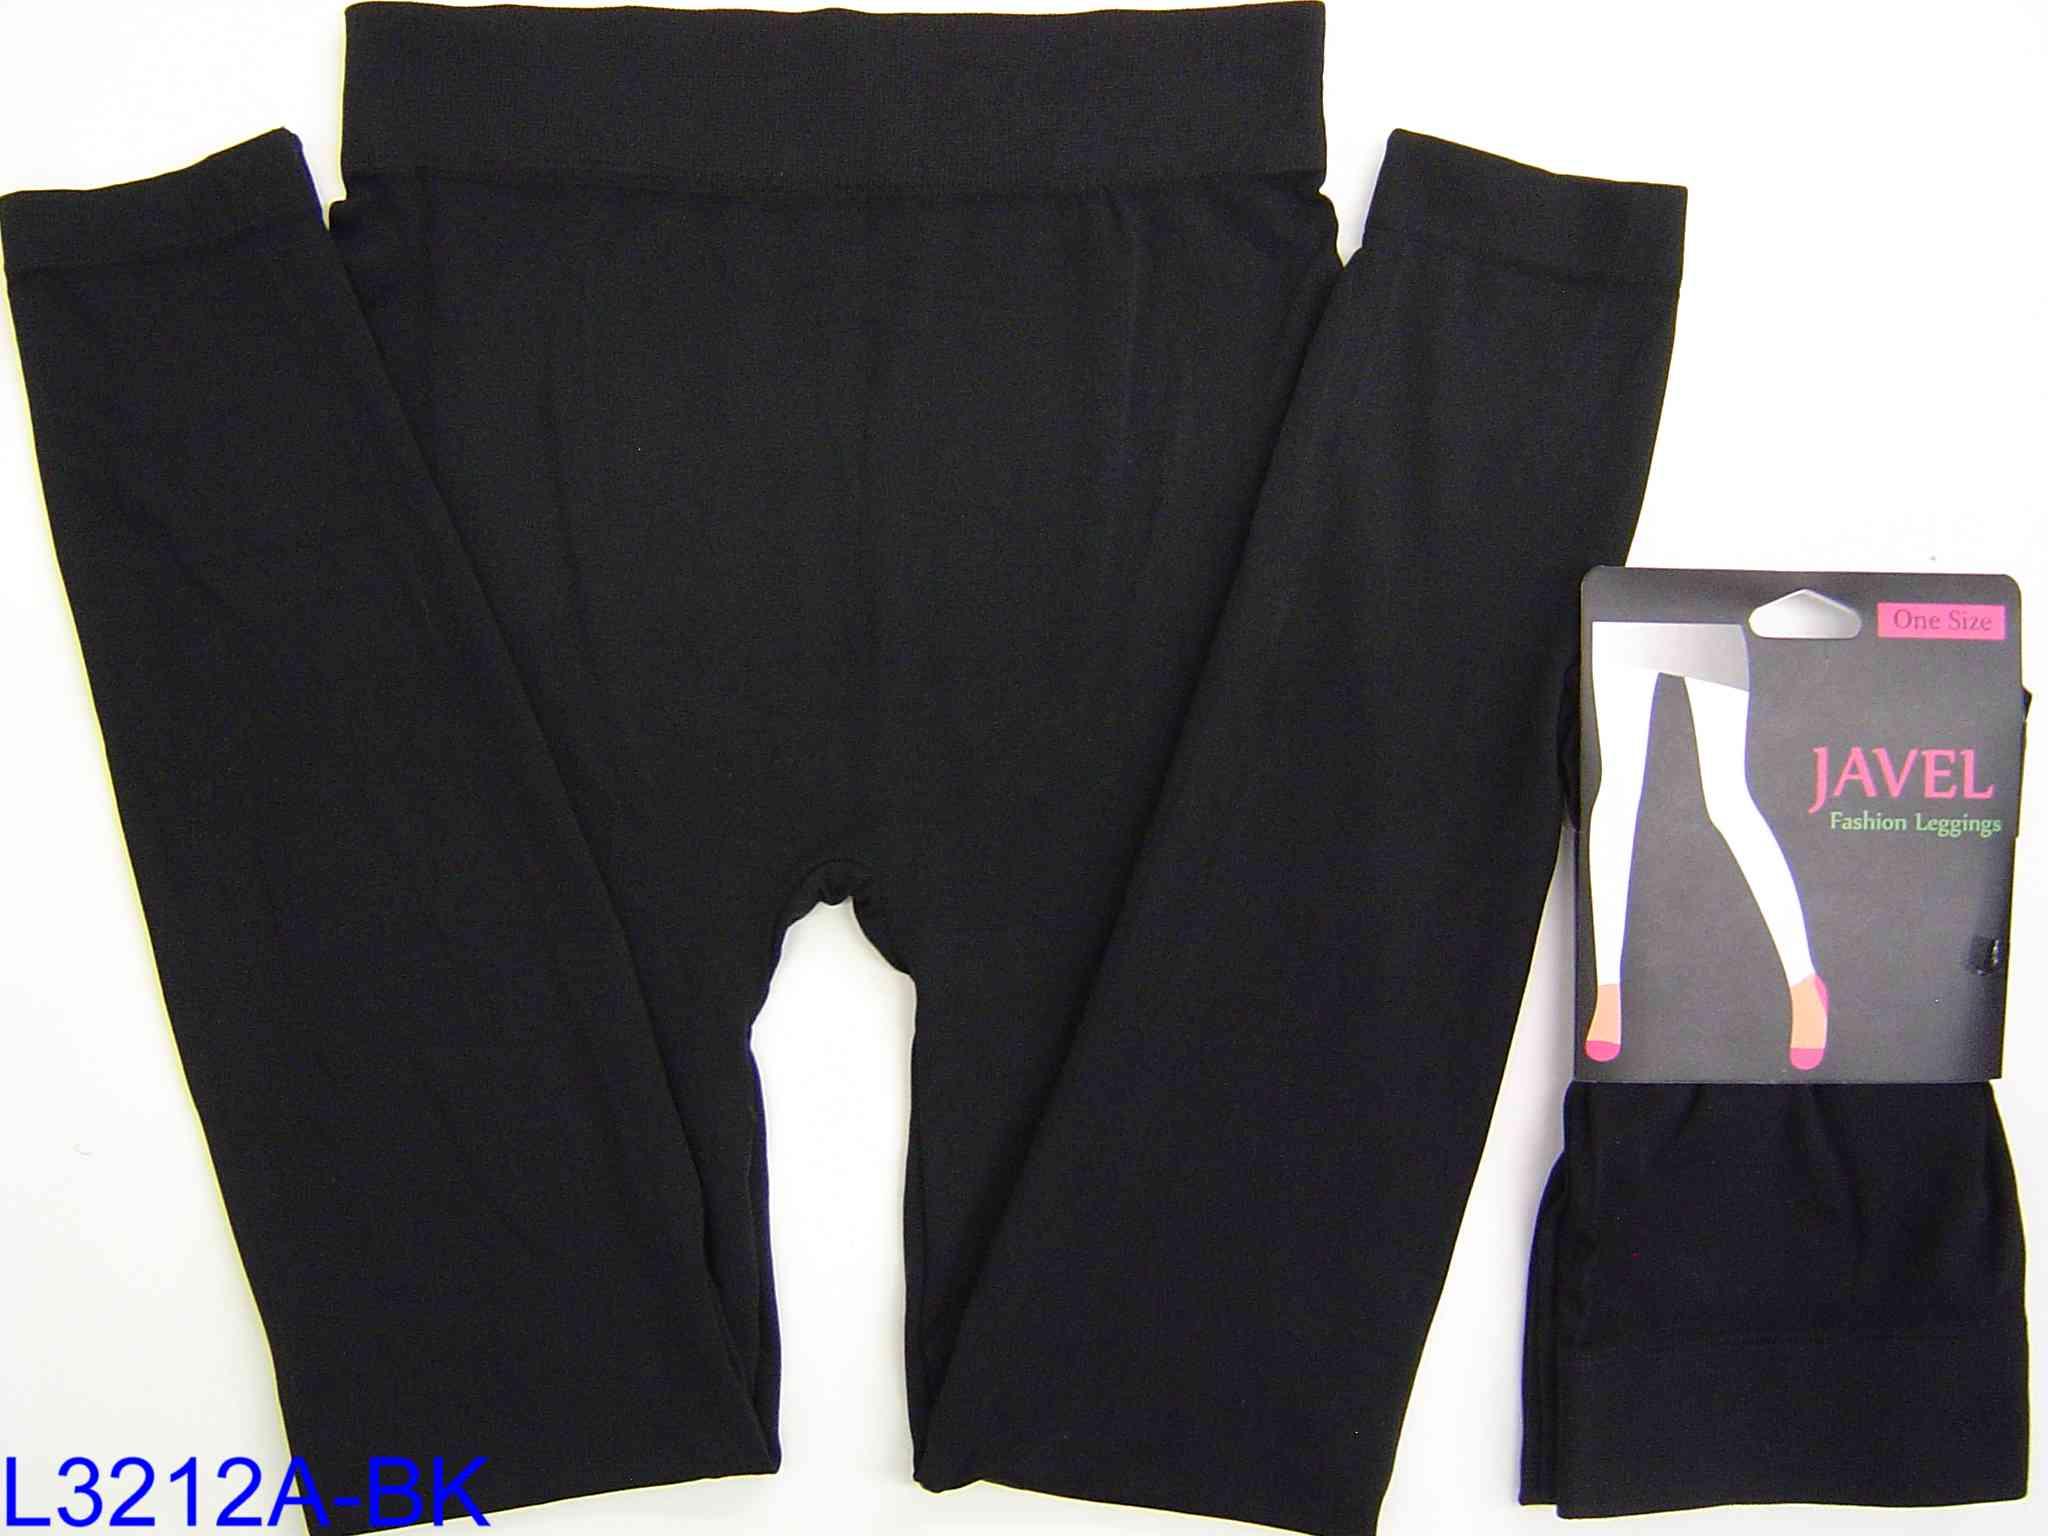 JAVEL Women/'s Solid Knit Leggings